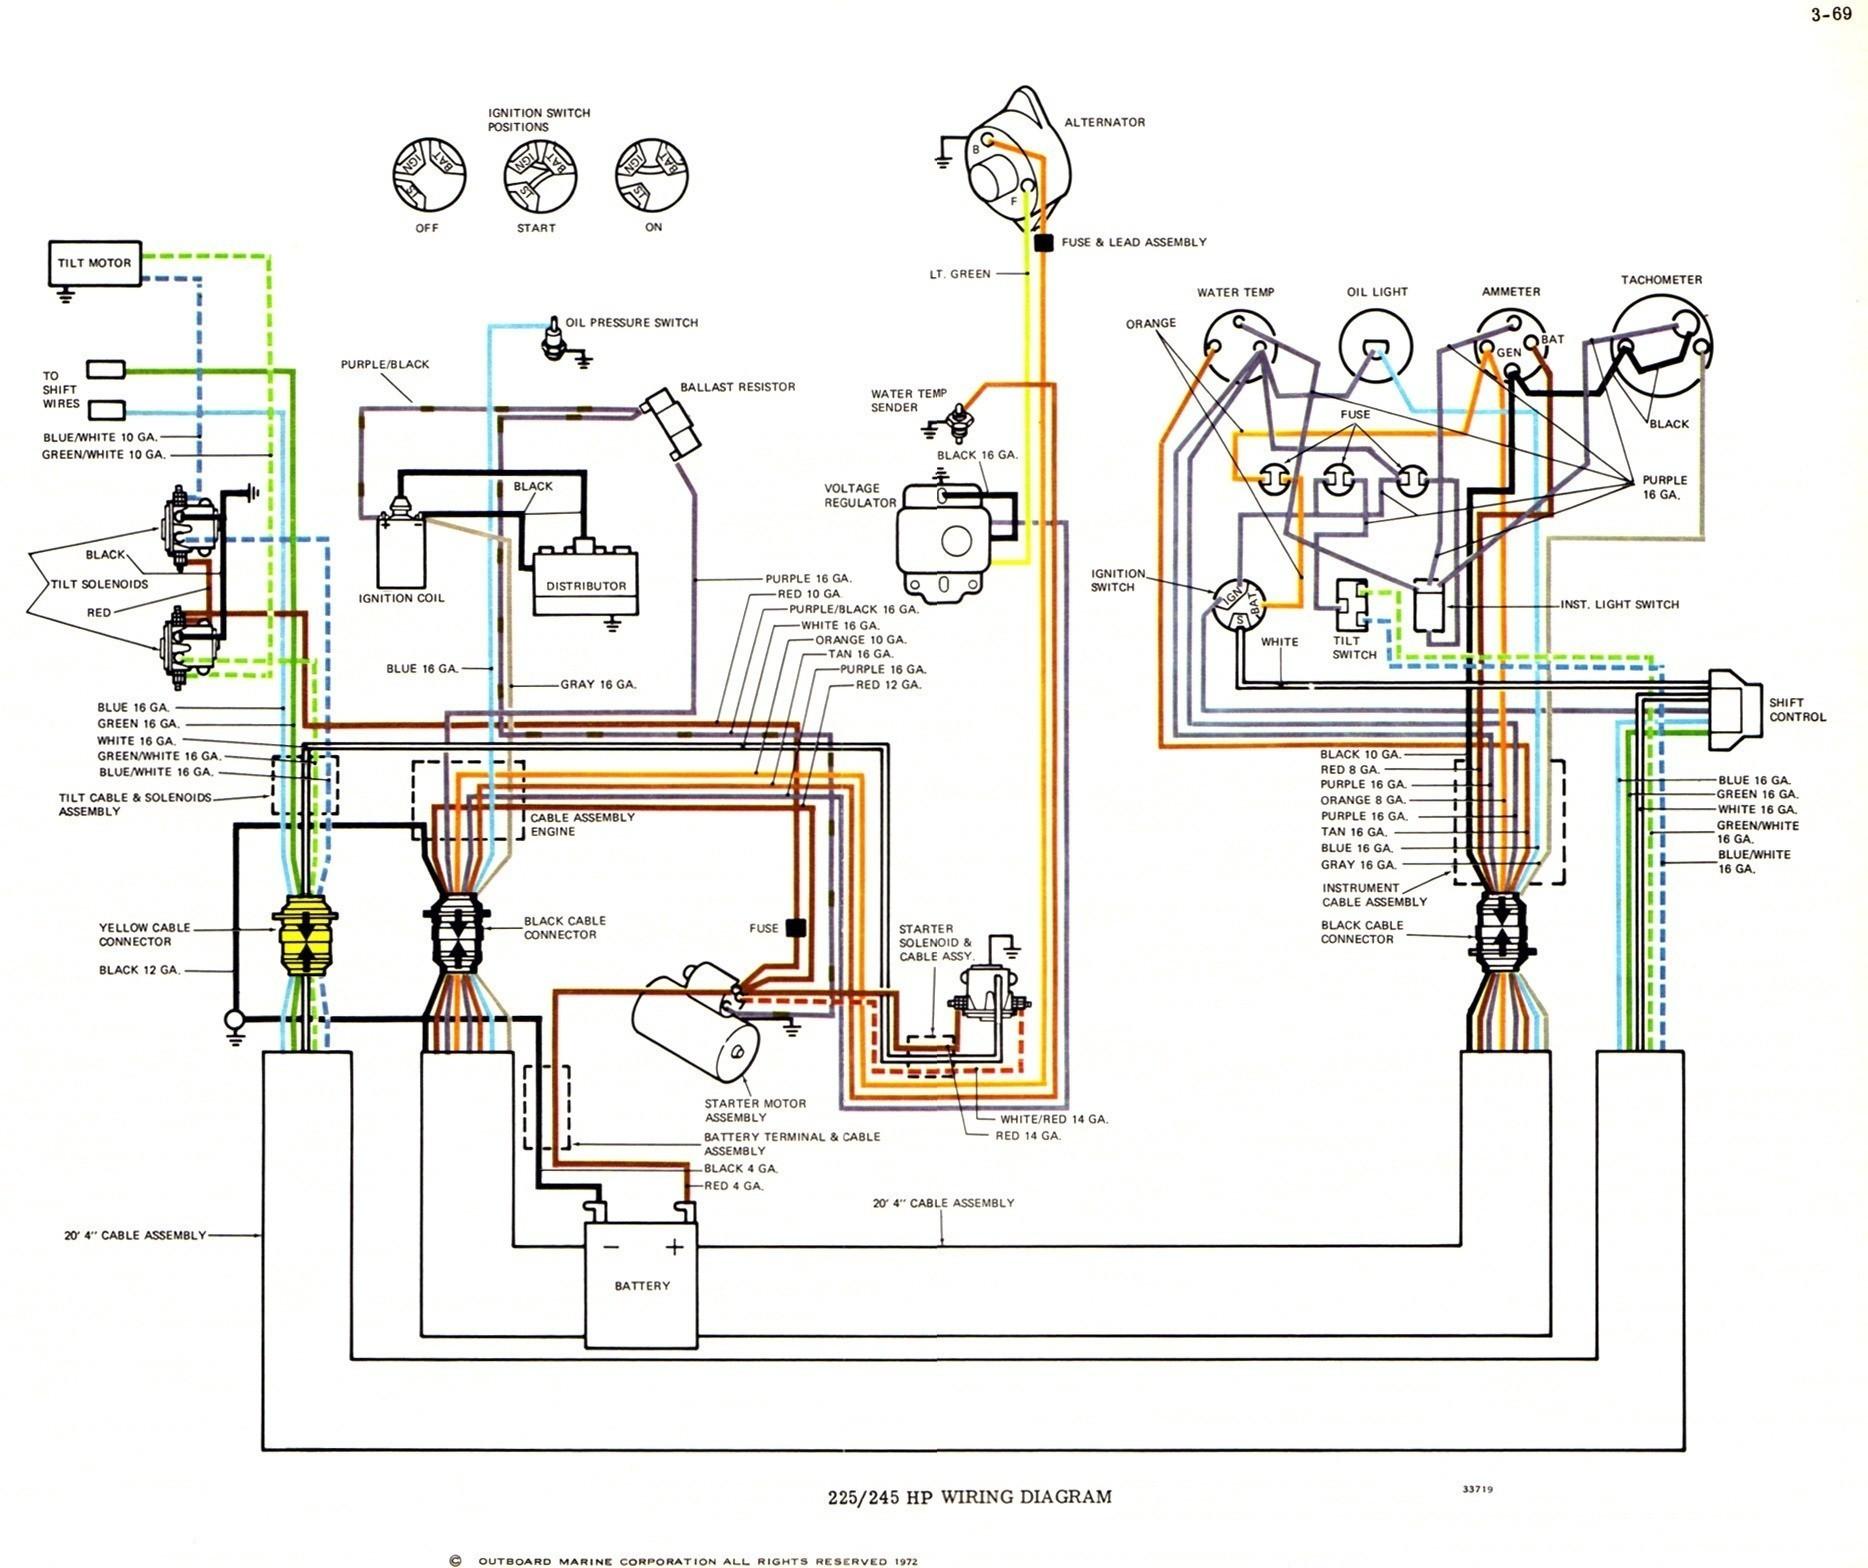 KK_6998] Images Of Volvo Penta Wiring Diagram Wire Diagram Images Free  Diagram | Volvo Evc Wiring Diagram |  | Marki Hapolo Mohammedshrine Librar Wiring 101